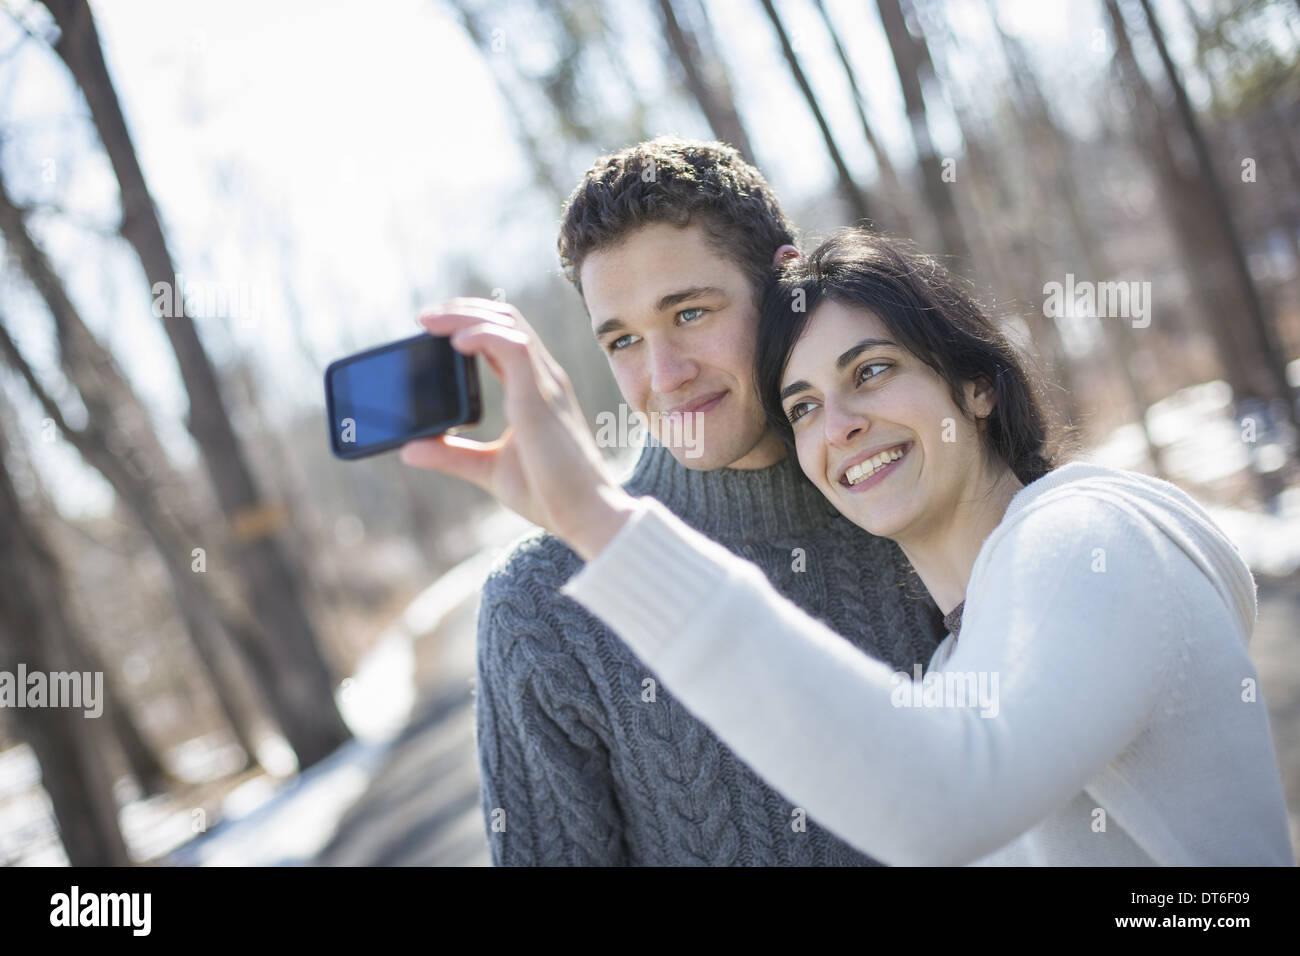 Ein paar im Freien an einem verschneiten Tag. Frau mit einem Kamera-Handy fotografieren auf Armlänge. Stockbild